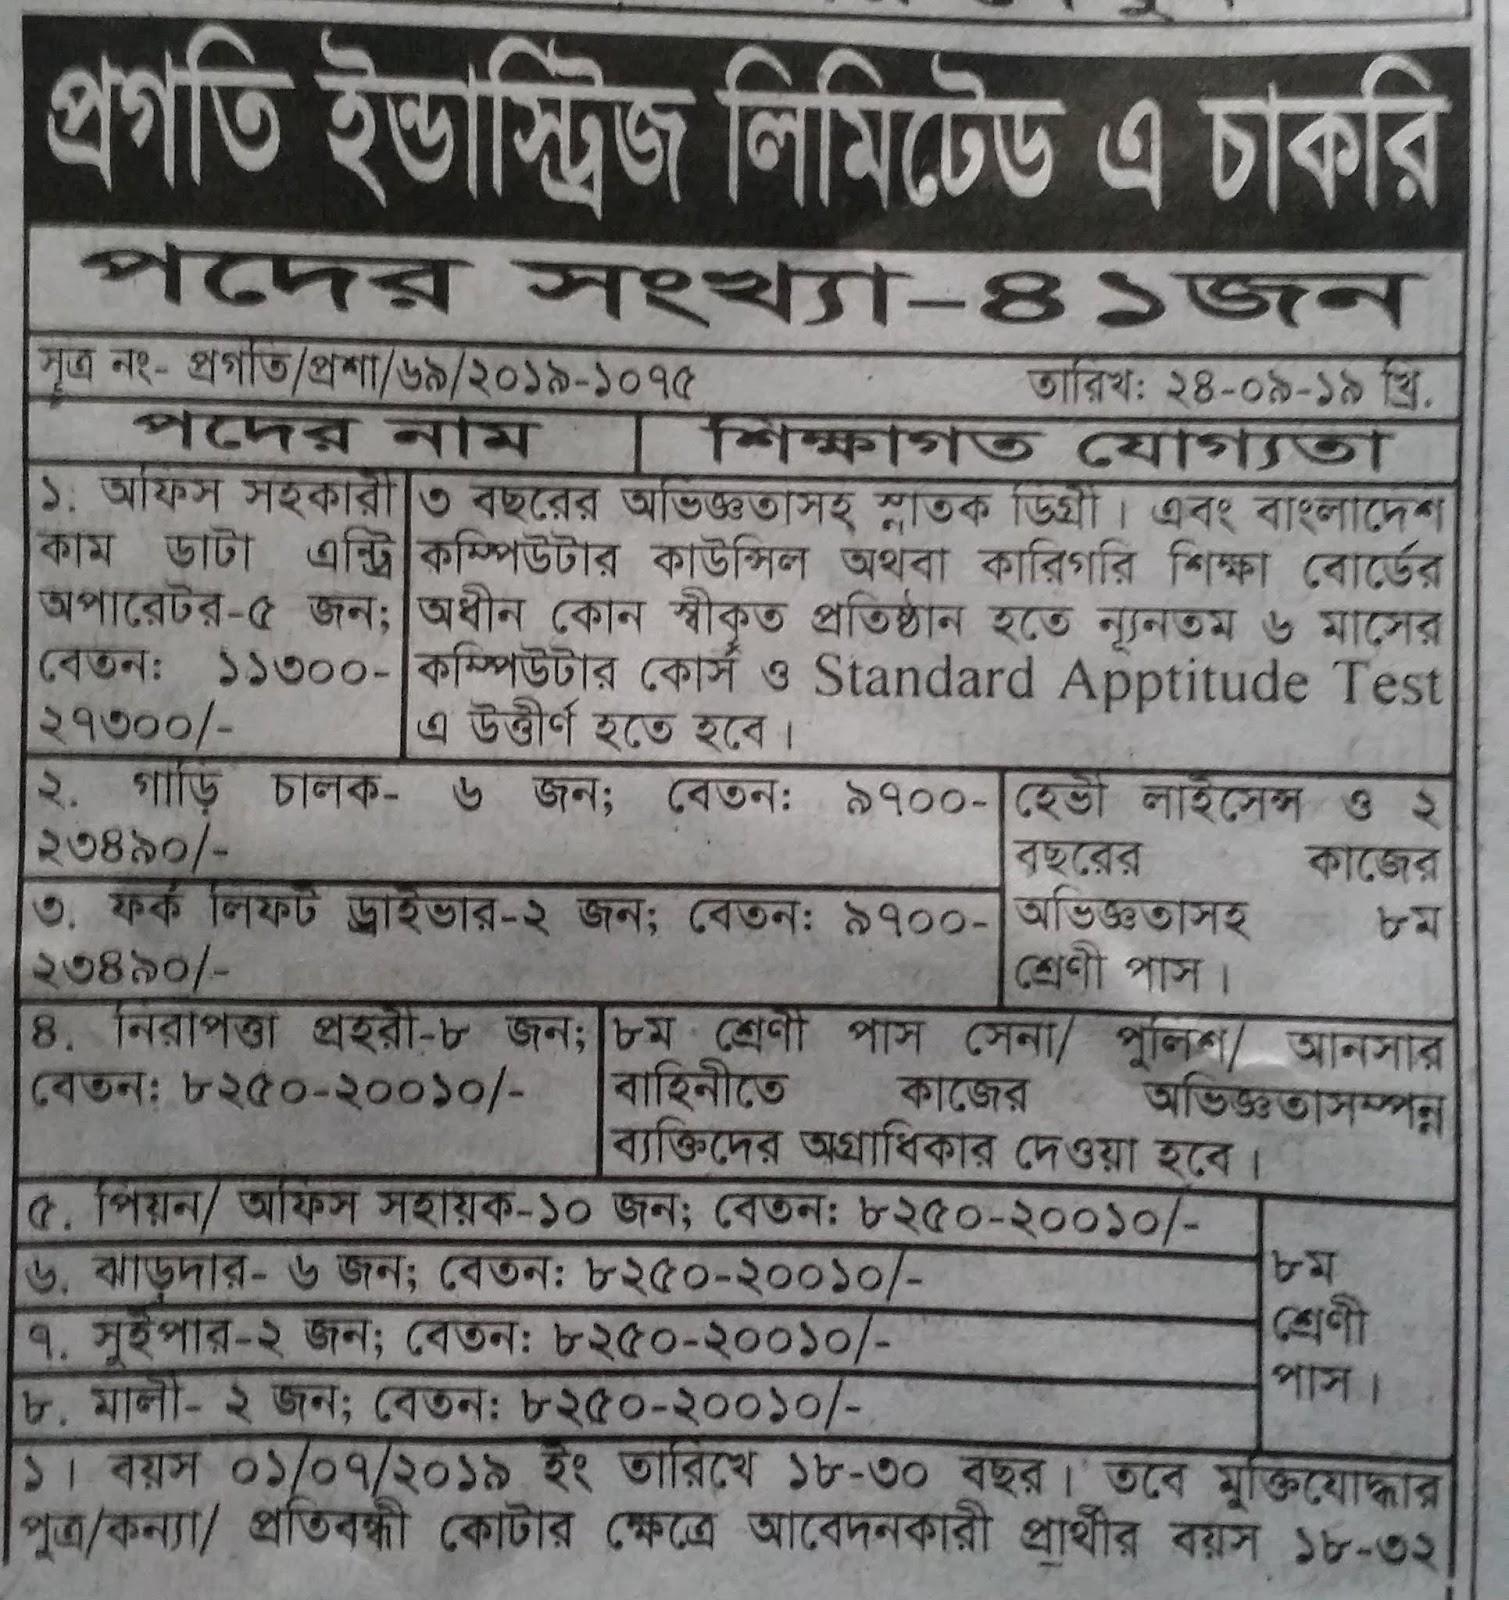 Progati Industries Ltd Job Circlar